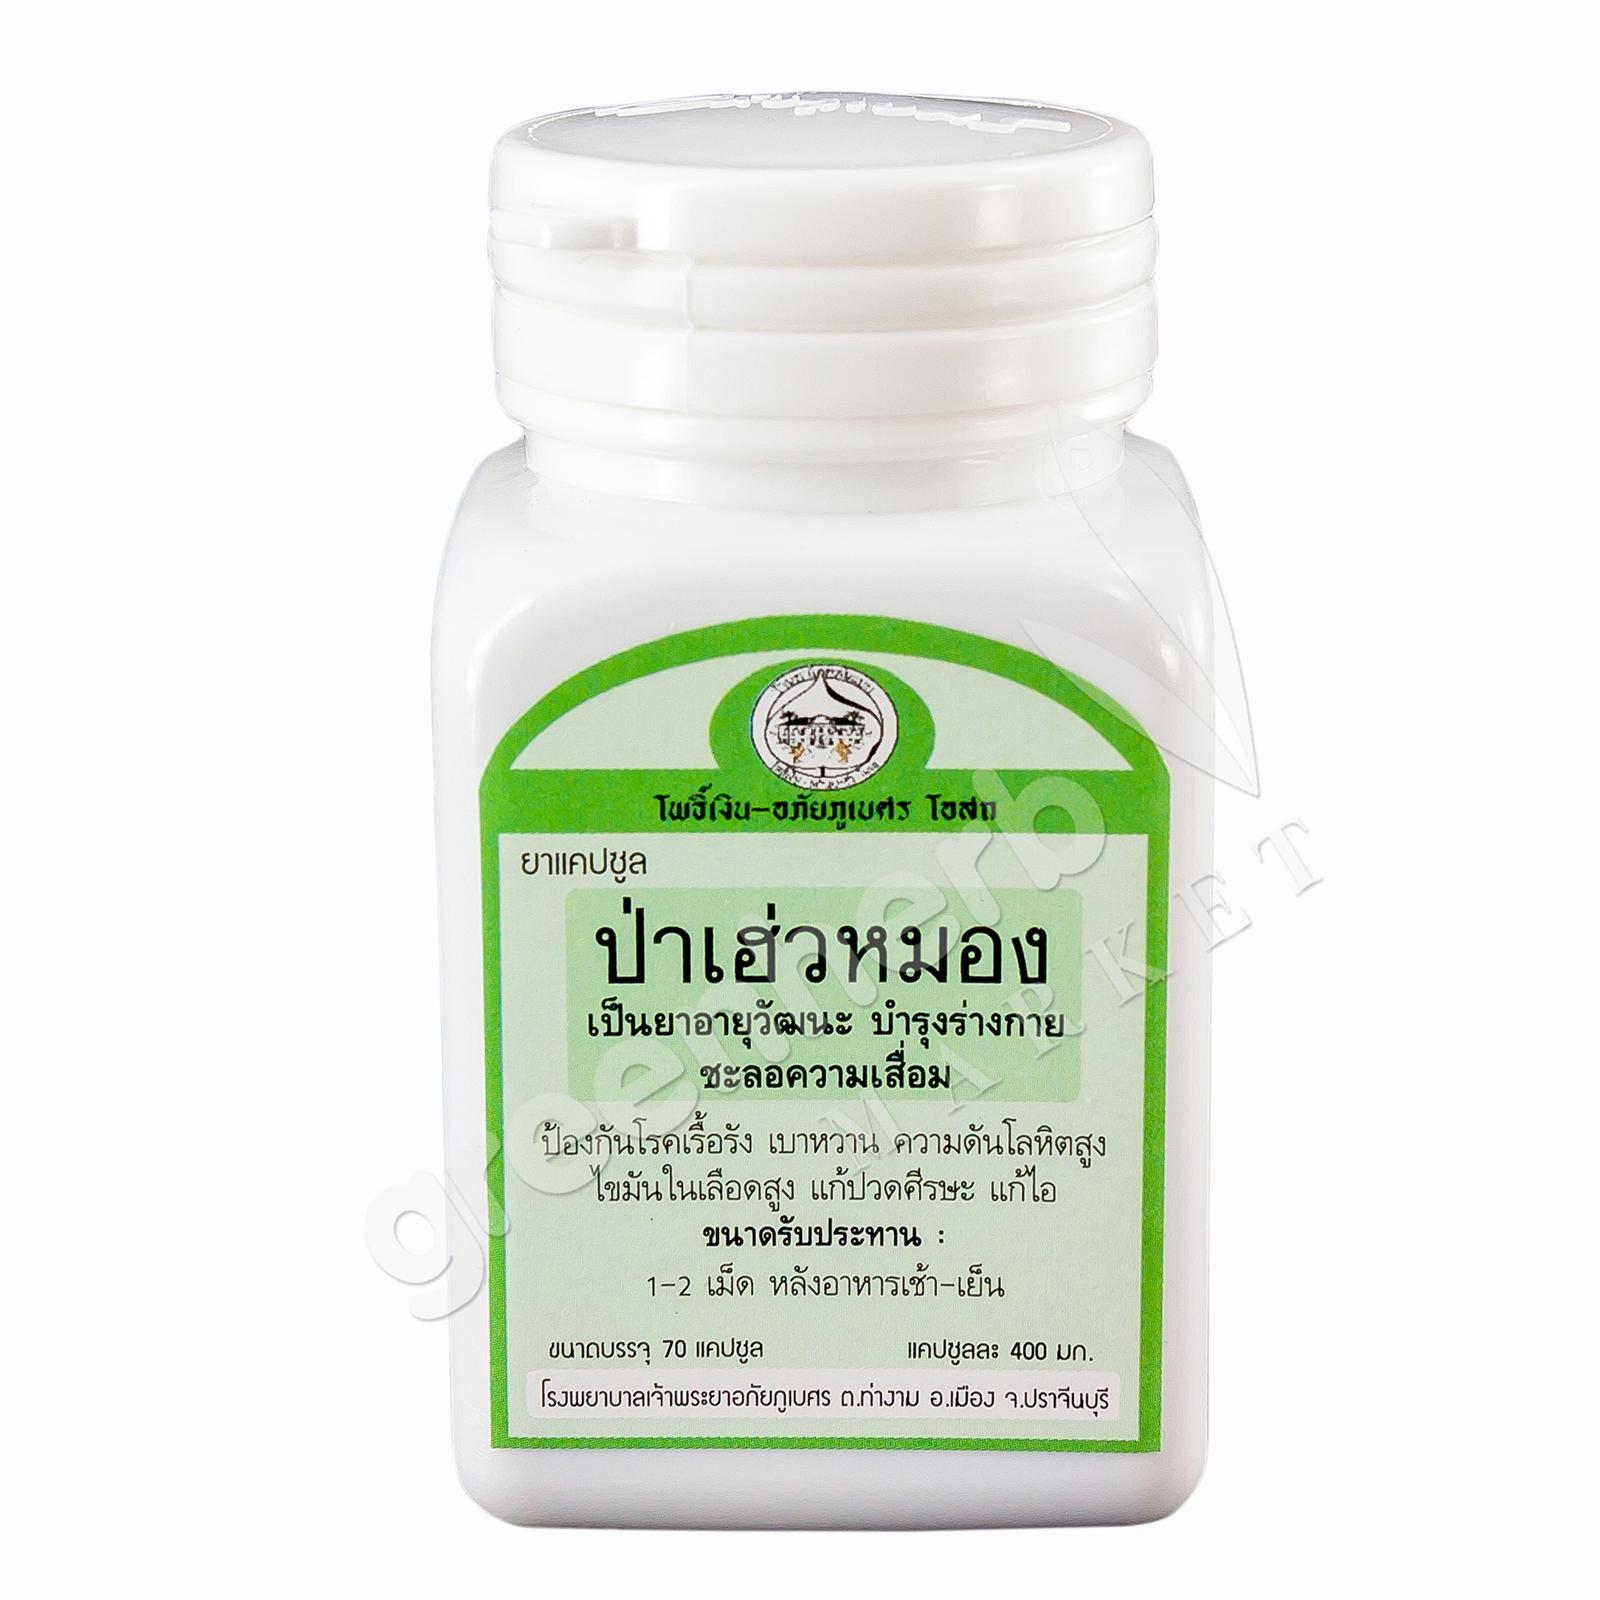 ยาแคปซูล ป่าเฮ่วหมอง (400 มก. 70 แคปซูล) ร้านยาไทยโพธิ์เงิน - อภัยภูเบศร โอสถ